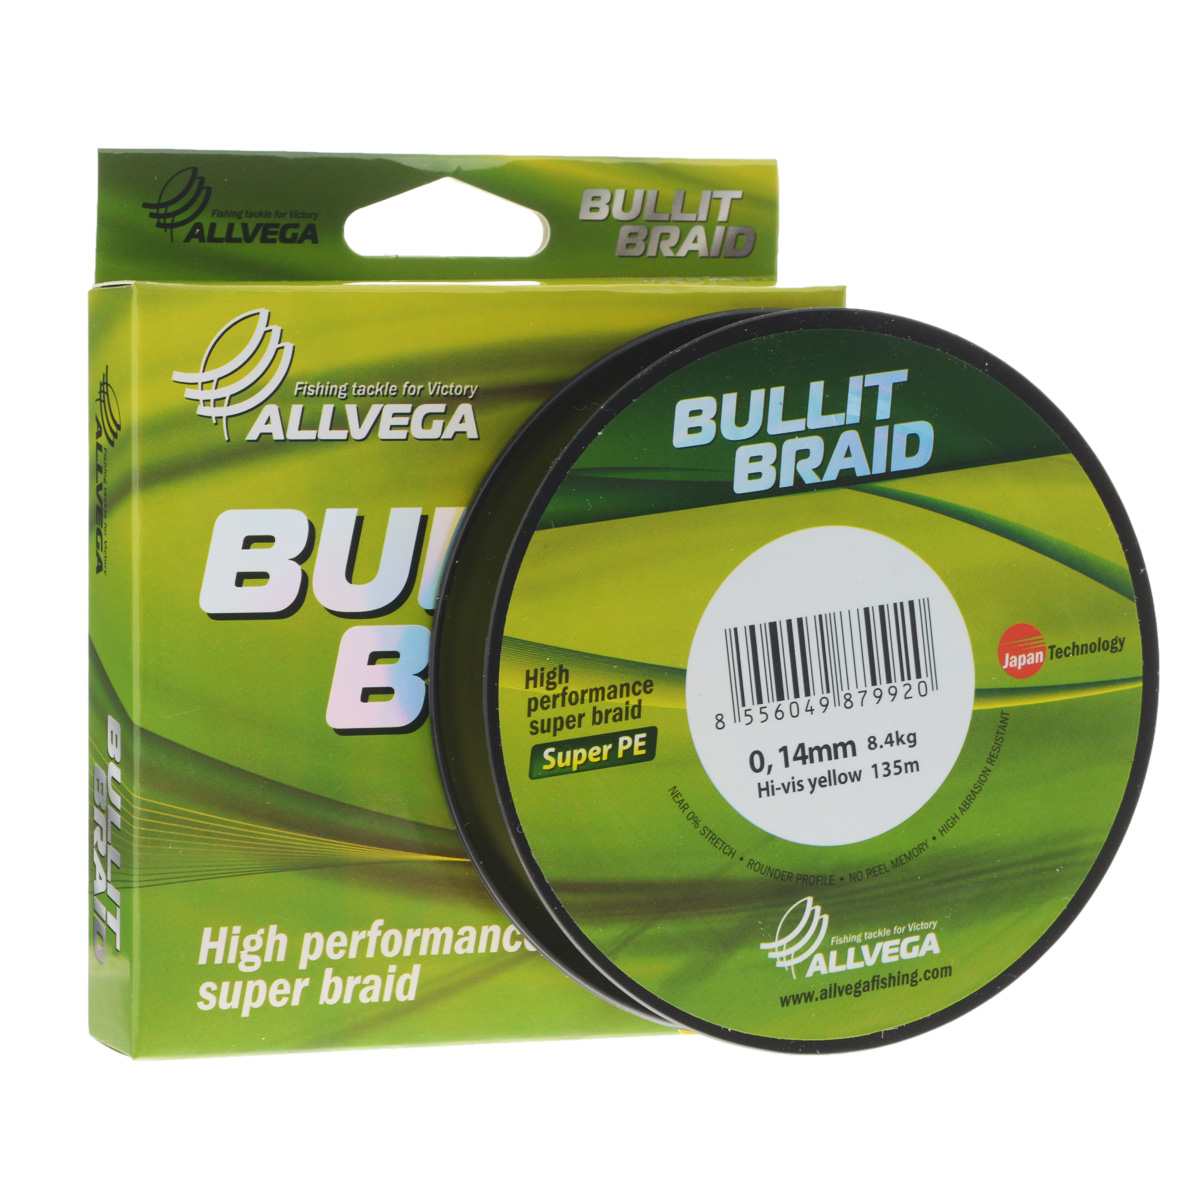 Леска плетеная Allvega Bullit Braid, цвет: ярко-желтый, 135 м, 0,14 мм, 8,4 кг0022999Леска Allvega Bullit Braid с гладкой поверхностью и одинаковым сечением по всей длине обладает высокой износостойкостью. Благодаря микроволокнам полиэтилена (Super PE) леска имеет очень плотное плетение и не впитывает воду. Леску Allvega Bullit Braid можно применять в любых типах водоемов. Особенности:повышенная износостойкость;высокая чувствительность - коэффициент растяжения близок к нулю;отсутствует память; идеально гладкая поверхность позволяет увеличить дальность забросов; высокая прочность шнура на узлах.